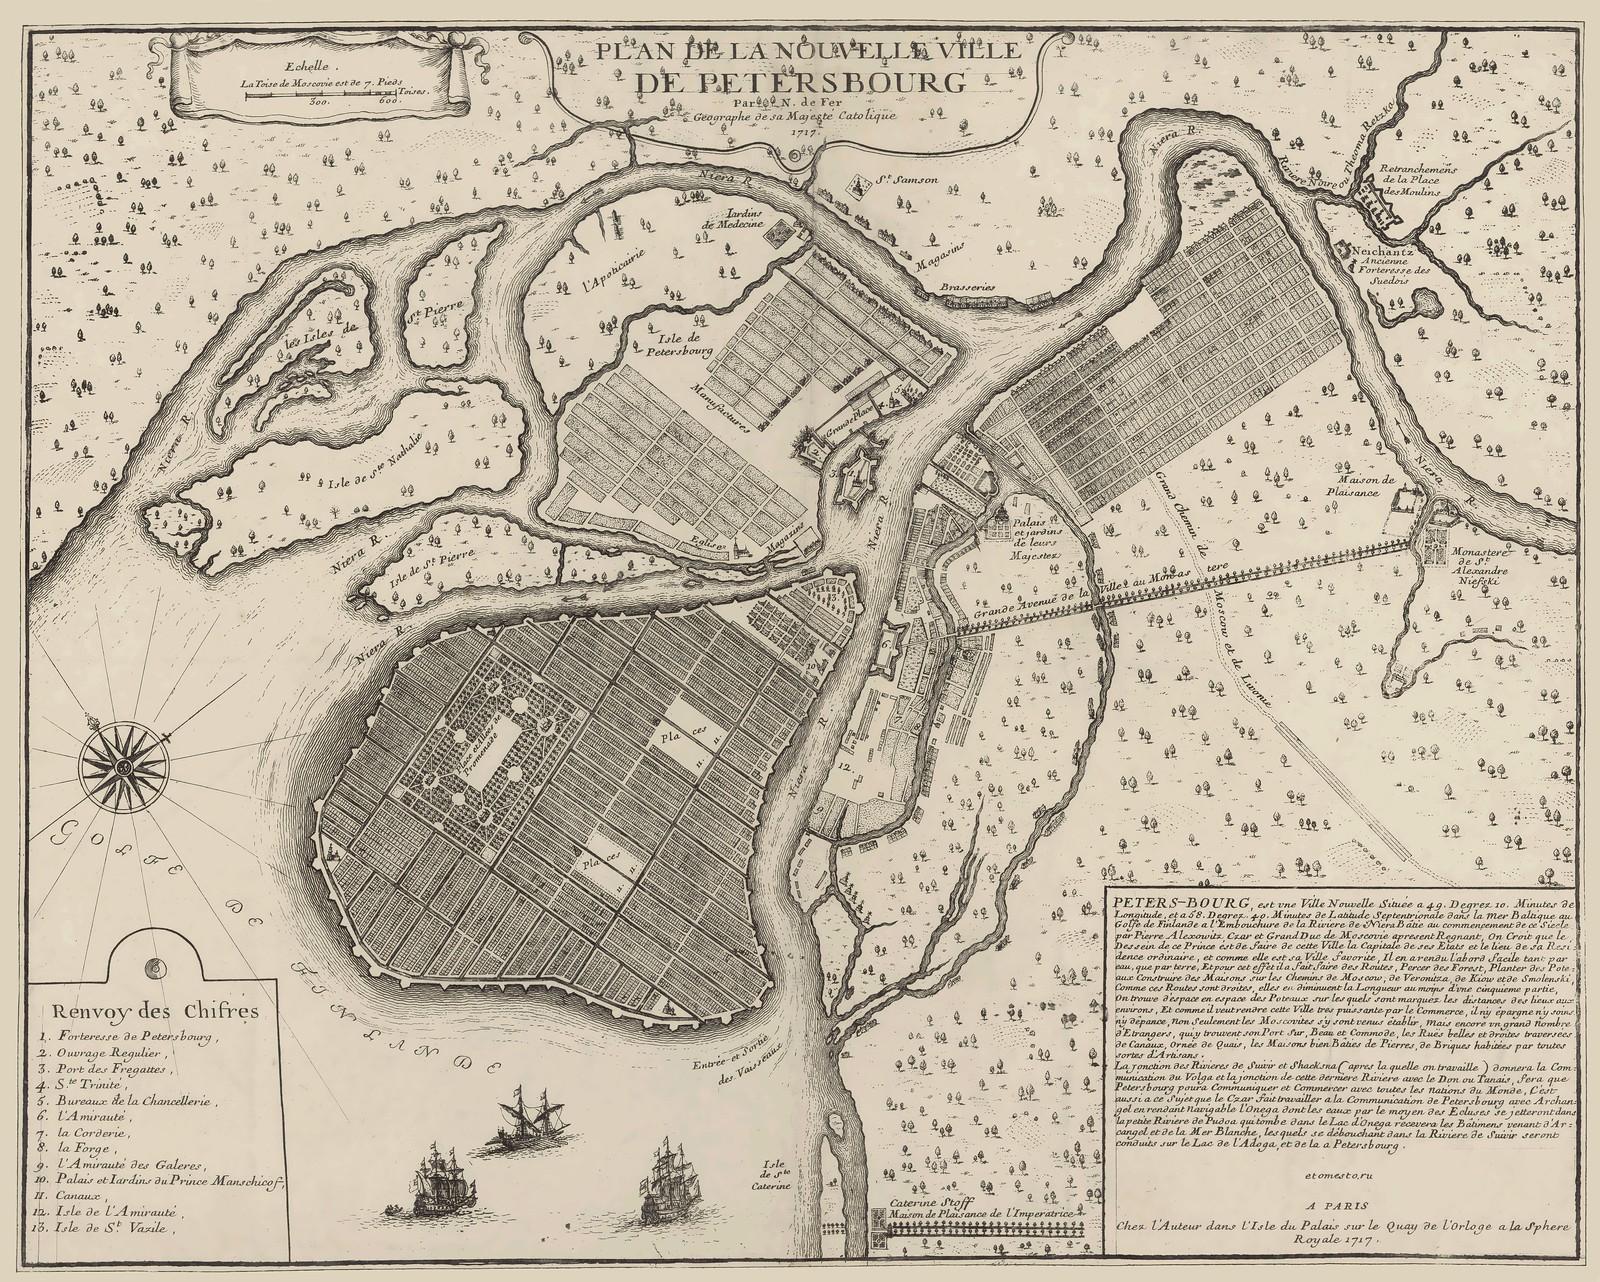 1717. План Санкт-Петербурга авторства Николаса де Фера